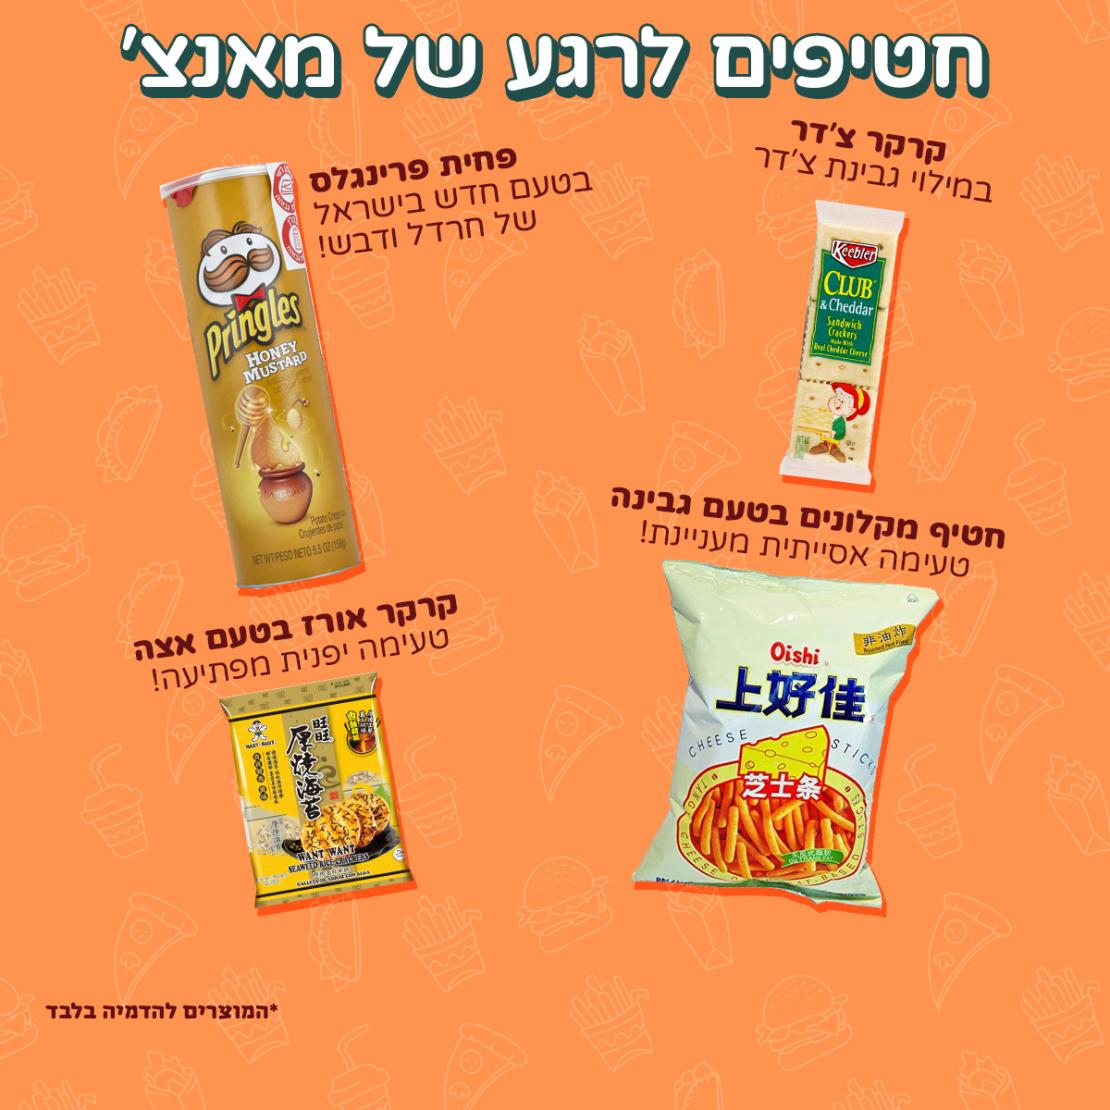 מגש סוויטבוקס - המומלצים של רעבים ברעבך (M)